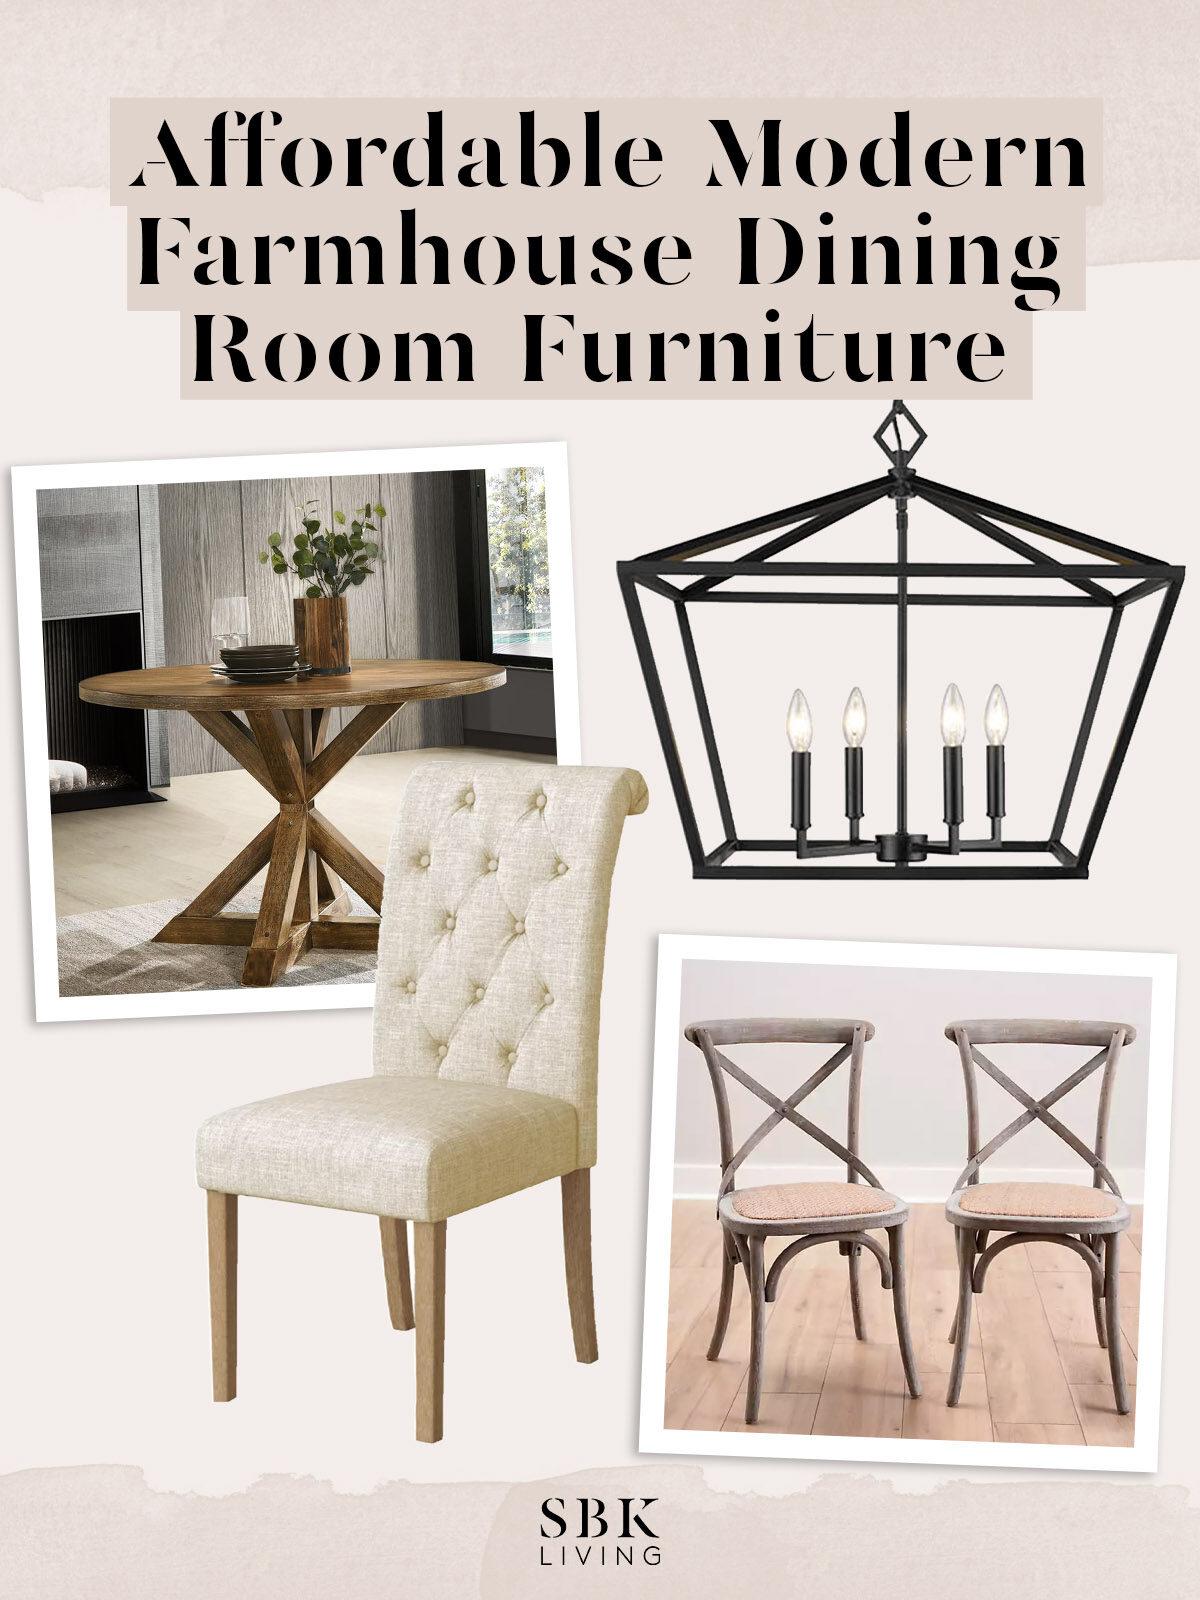 Farmhouse dining